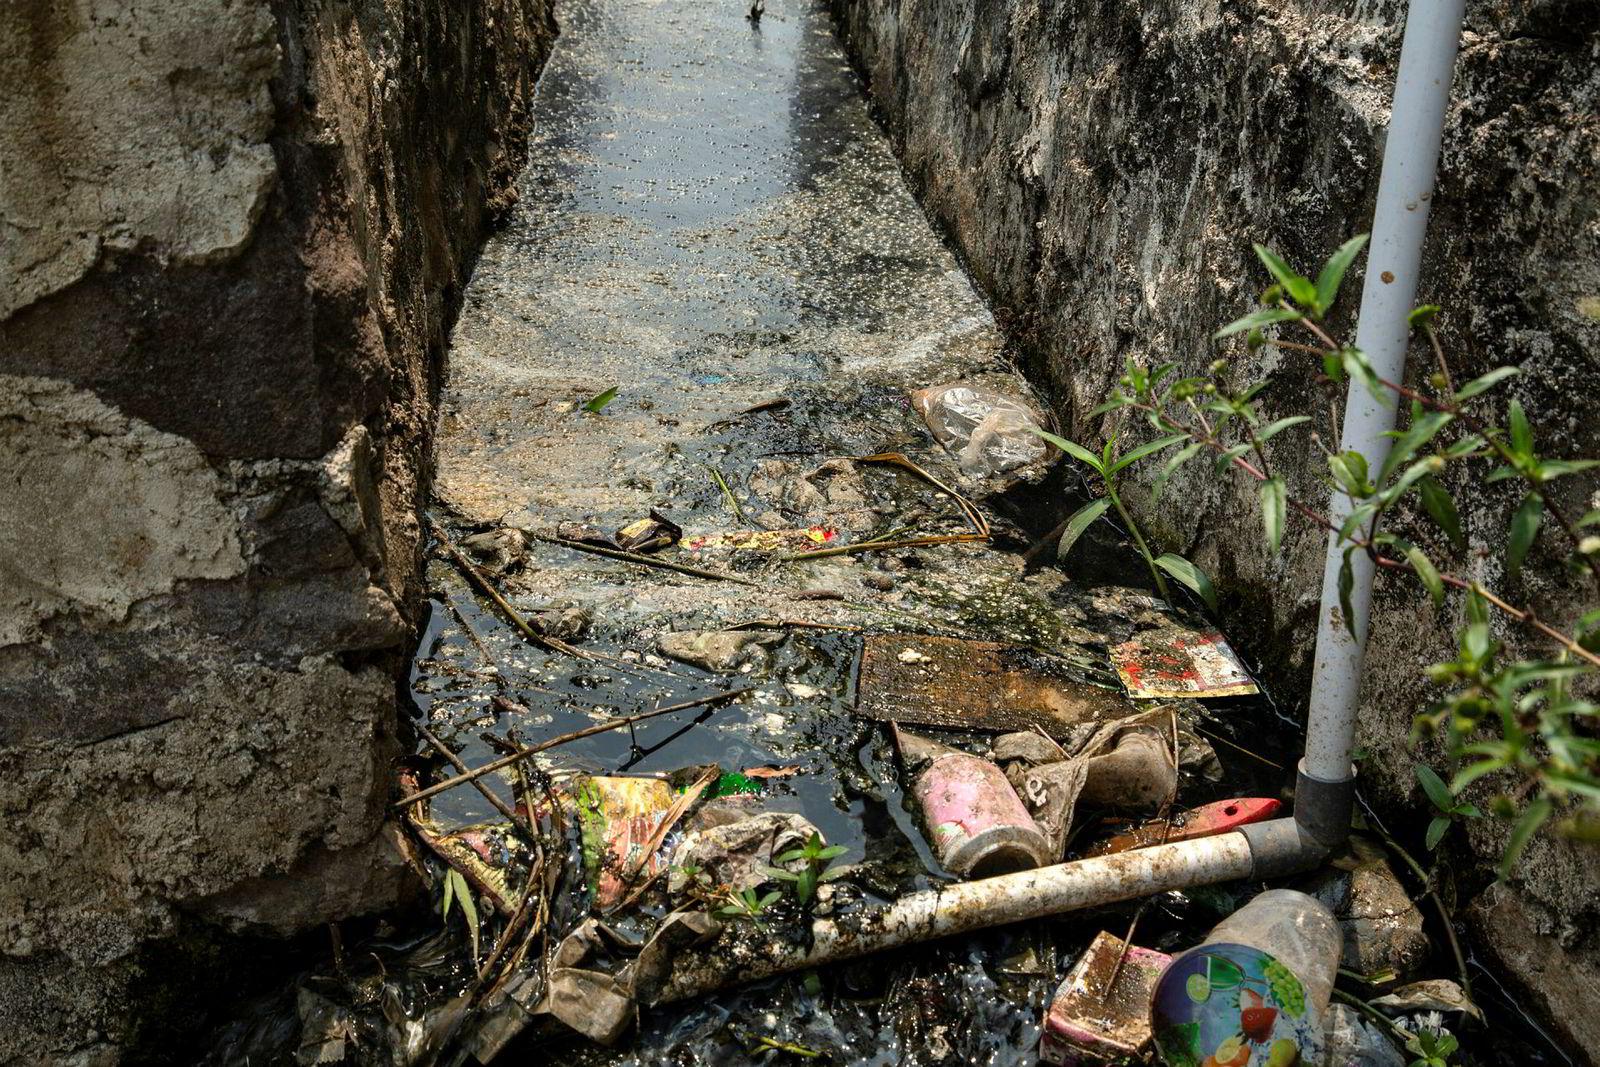 Plastavfall hoper seg opp i en kanal i en liten landsby utenfor Bandung. Kanalen er tilknyttet en av Citarum-elvens mange sideelver.